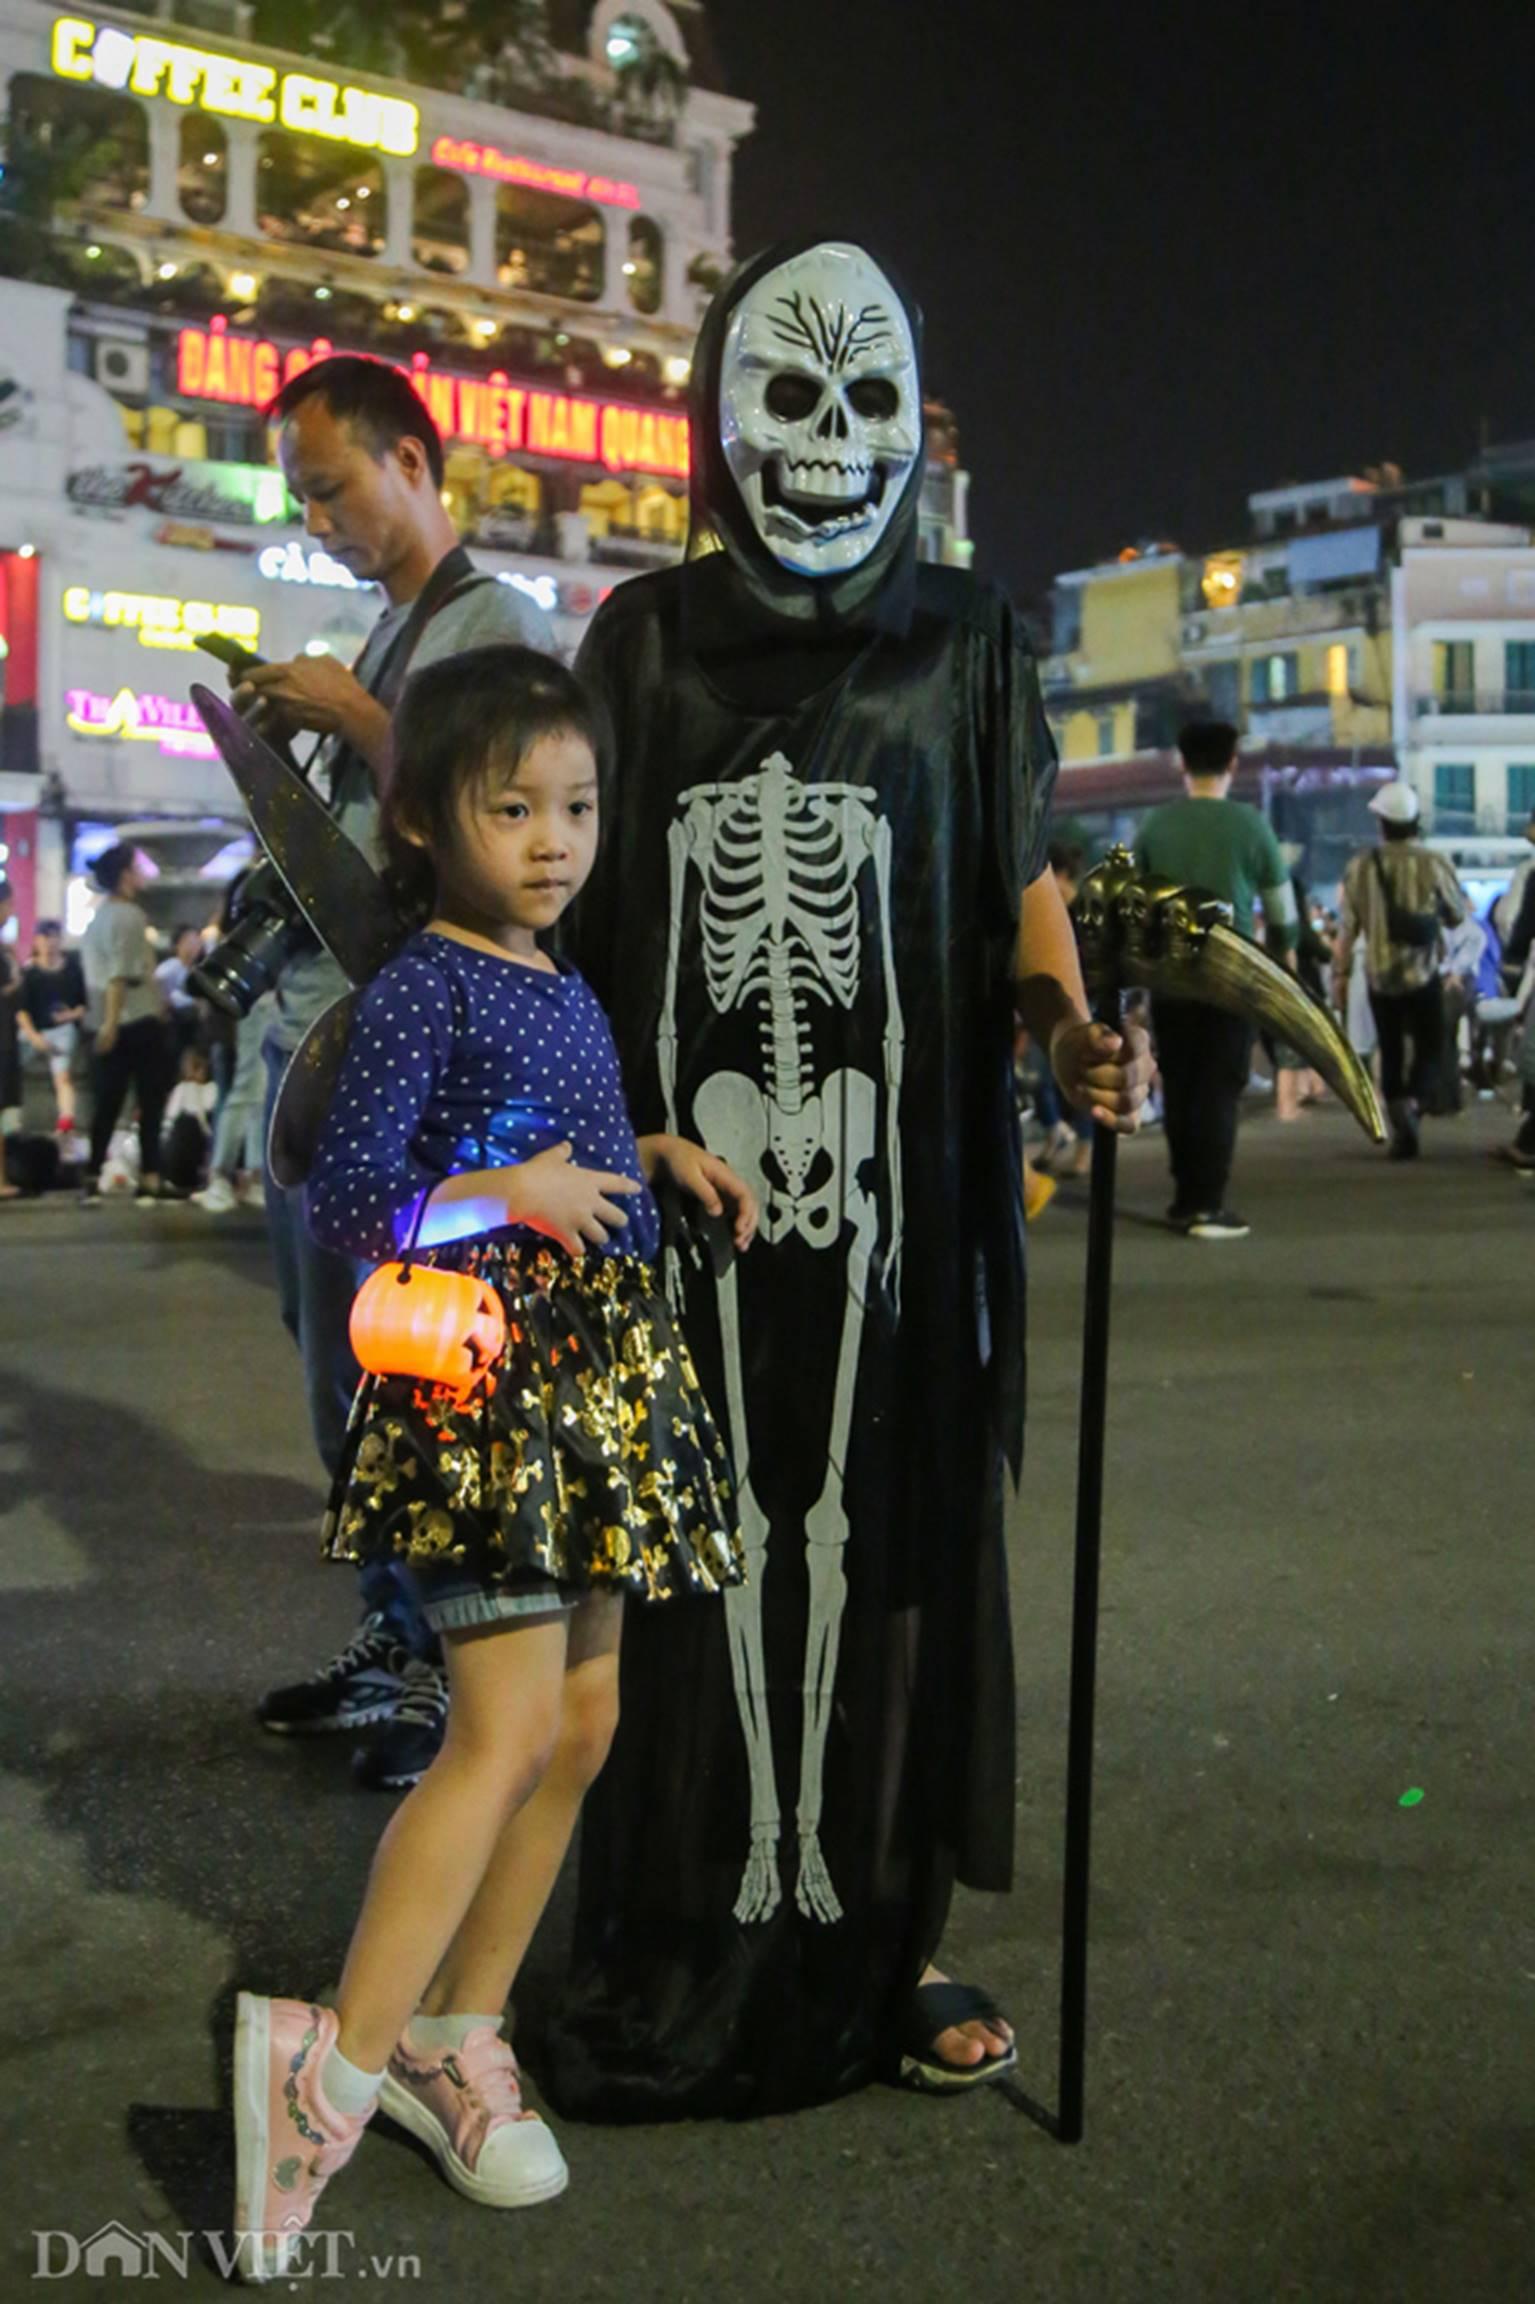 Hú vía gặp ma quỷ dạo chơi trên phố Hà Nội-7